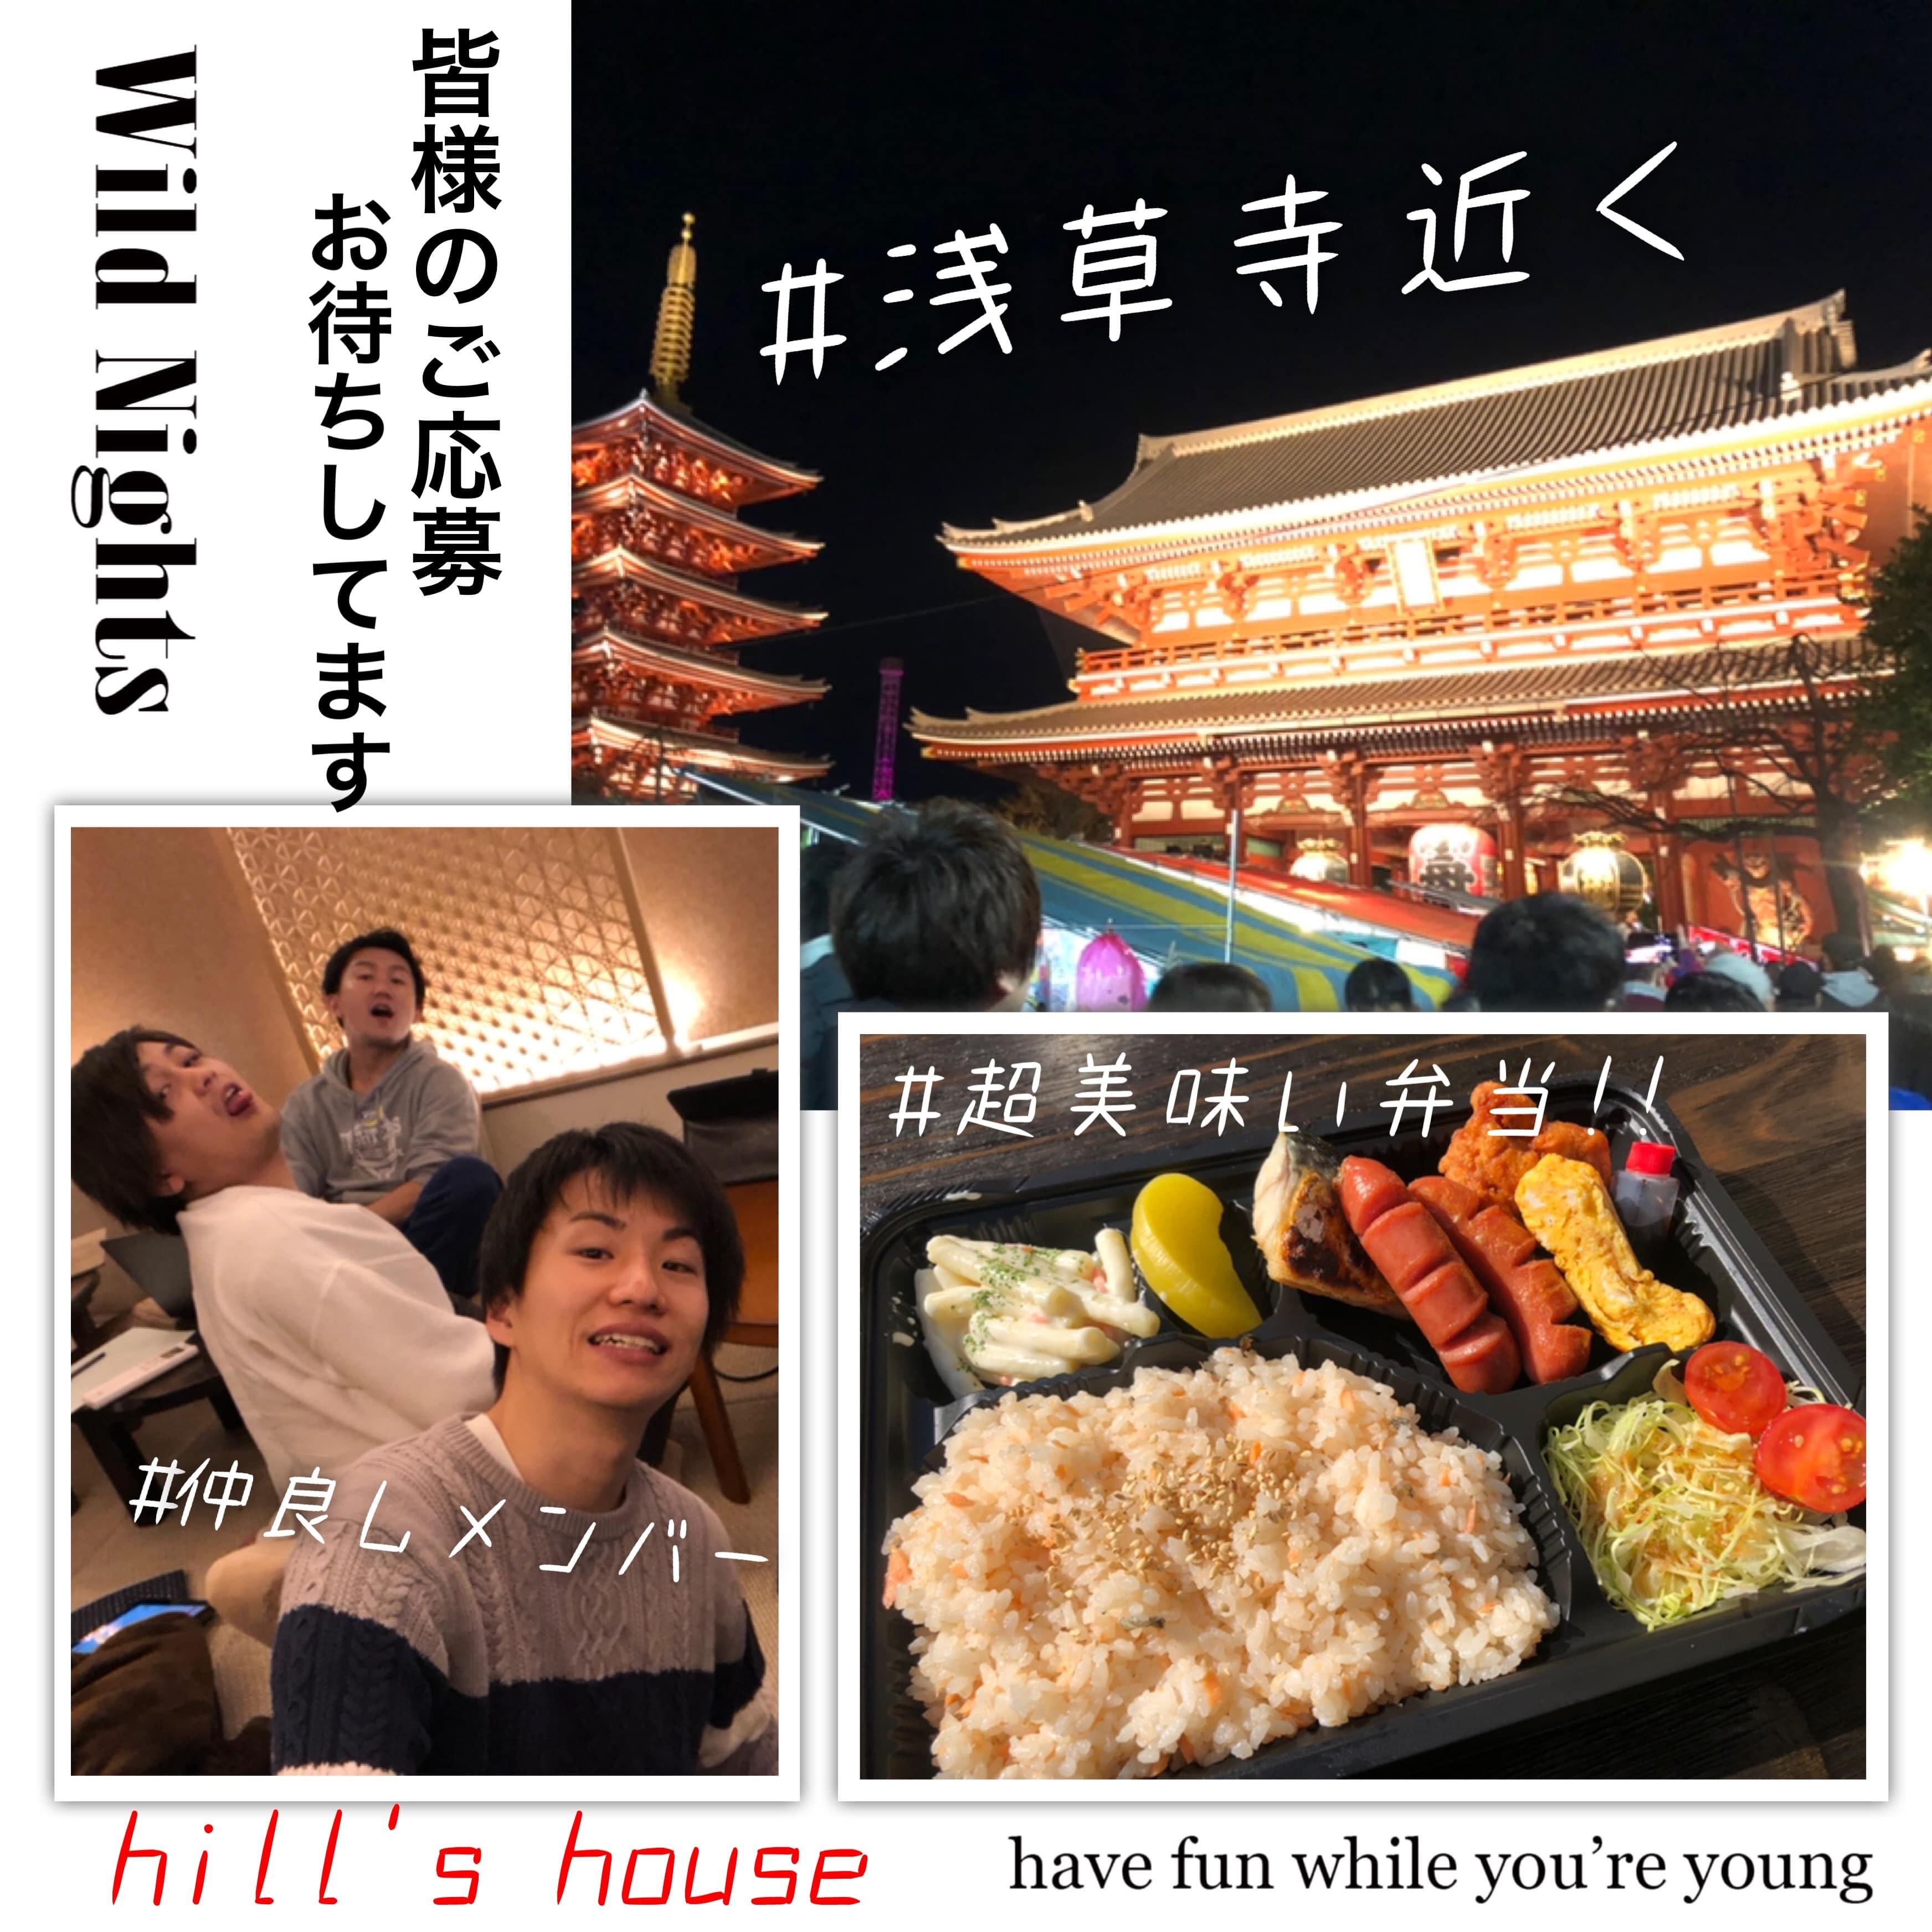 |東京|旅館|初めての方歓迎!!【衣食住】の【食】と【住】が完備されたフリアコになりませんか?あなたのご応募お待ちしてます